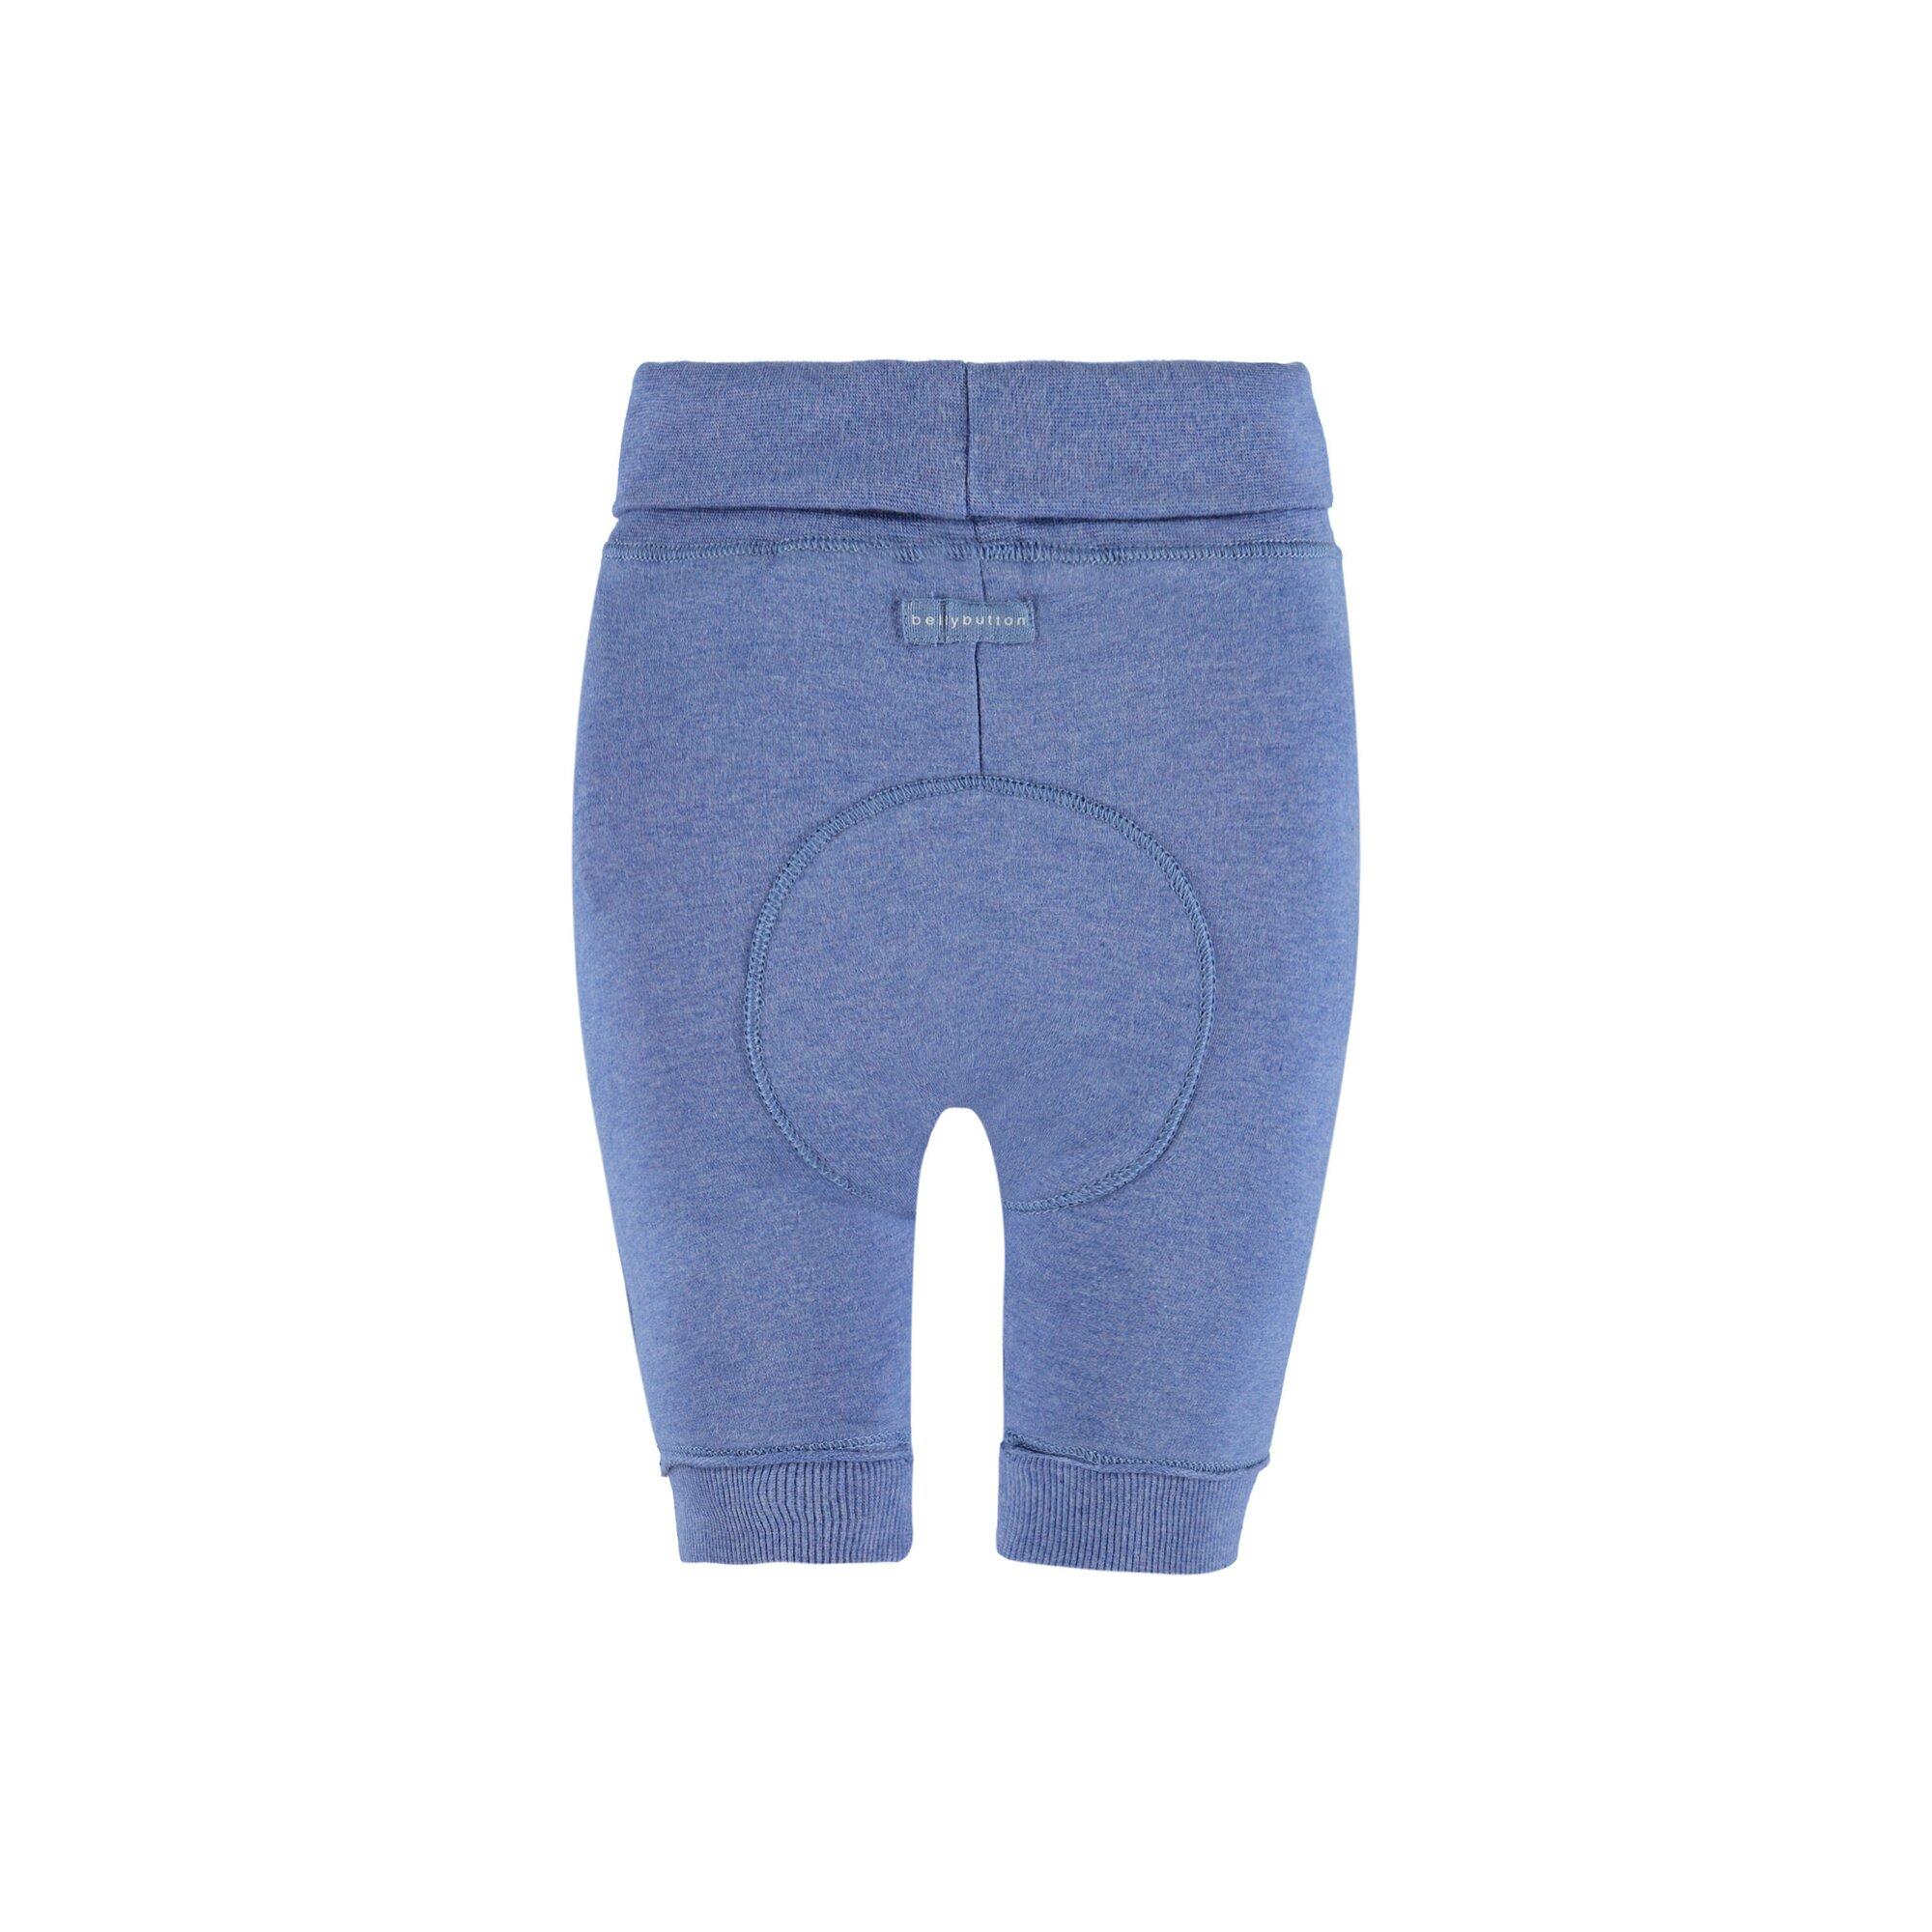 bellybutton-jogginghose-baby-breiter-bund-blau-50-56-62-68-74-80-86